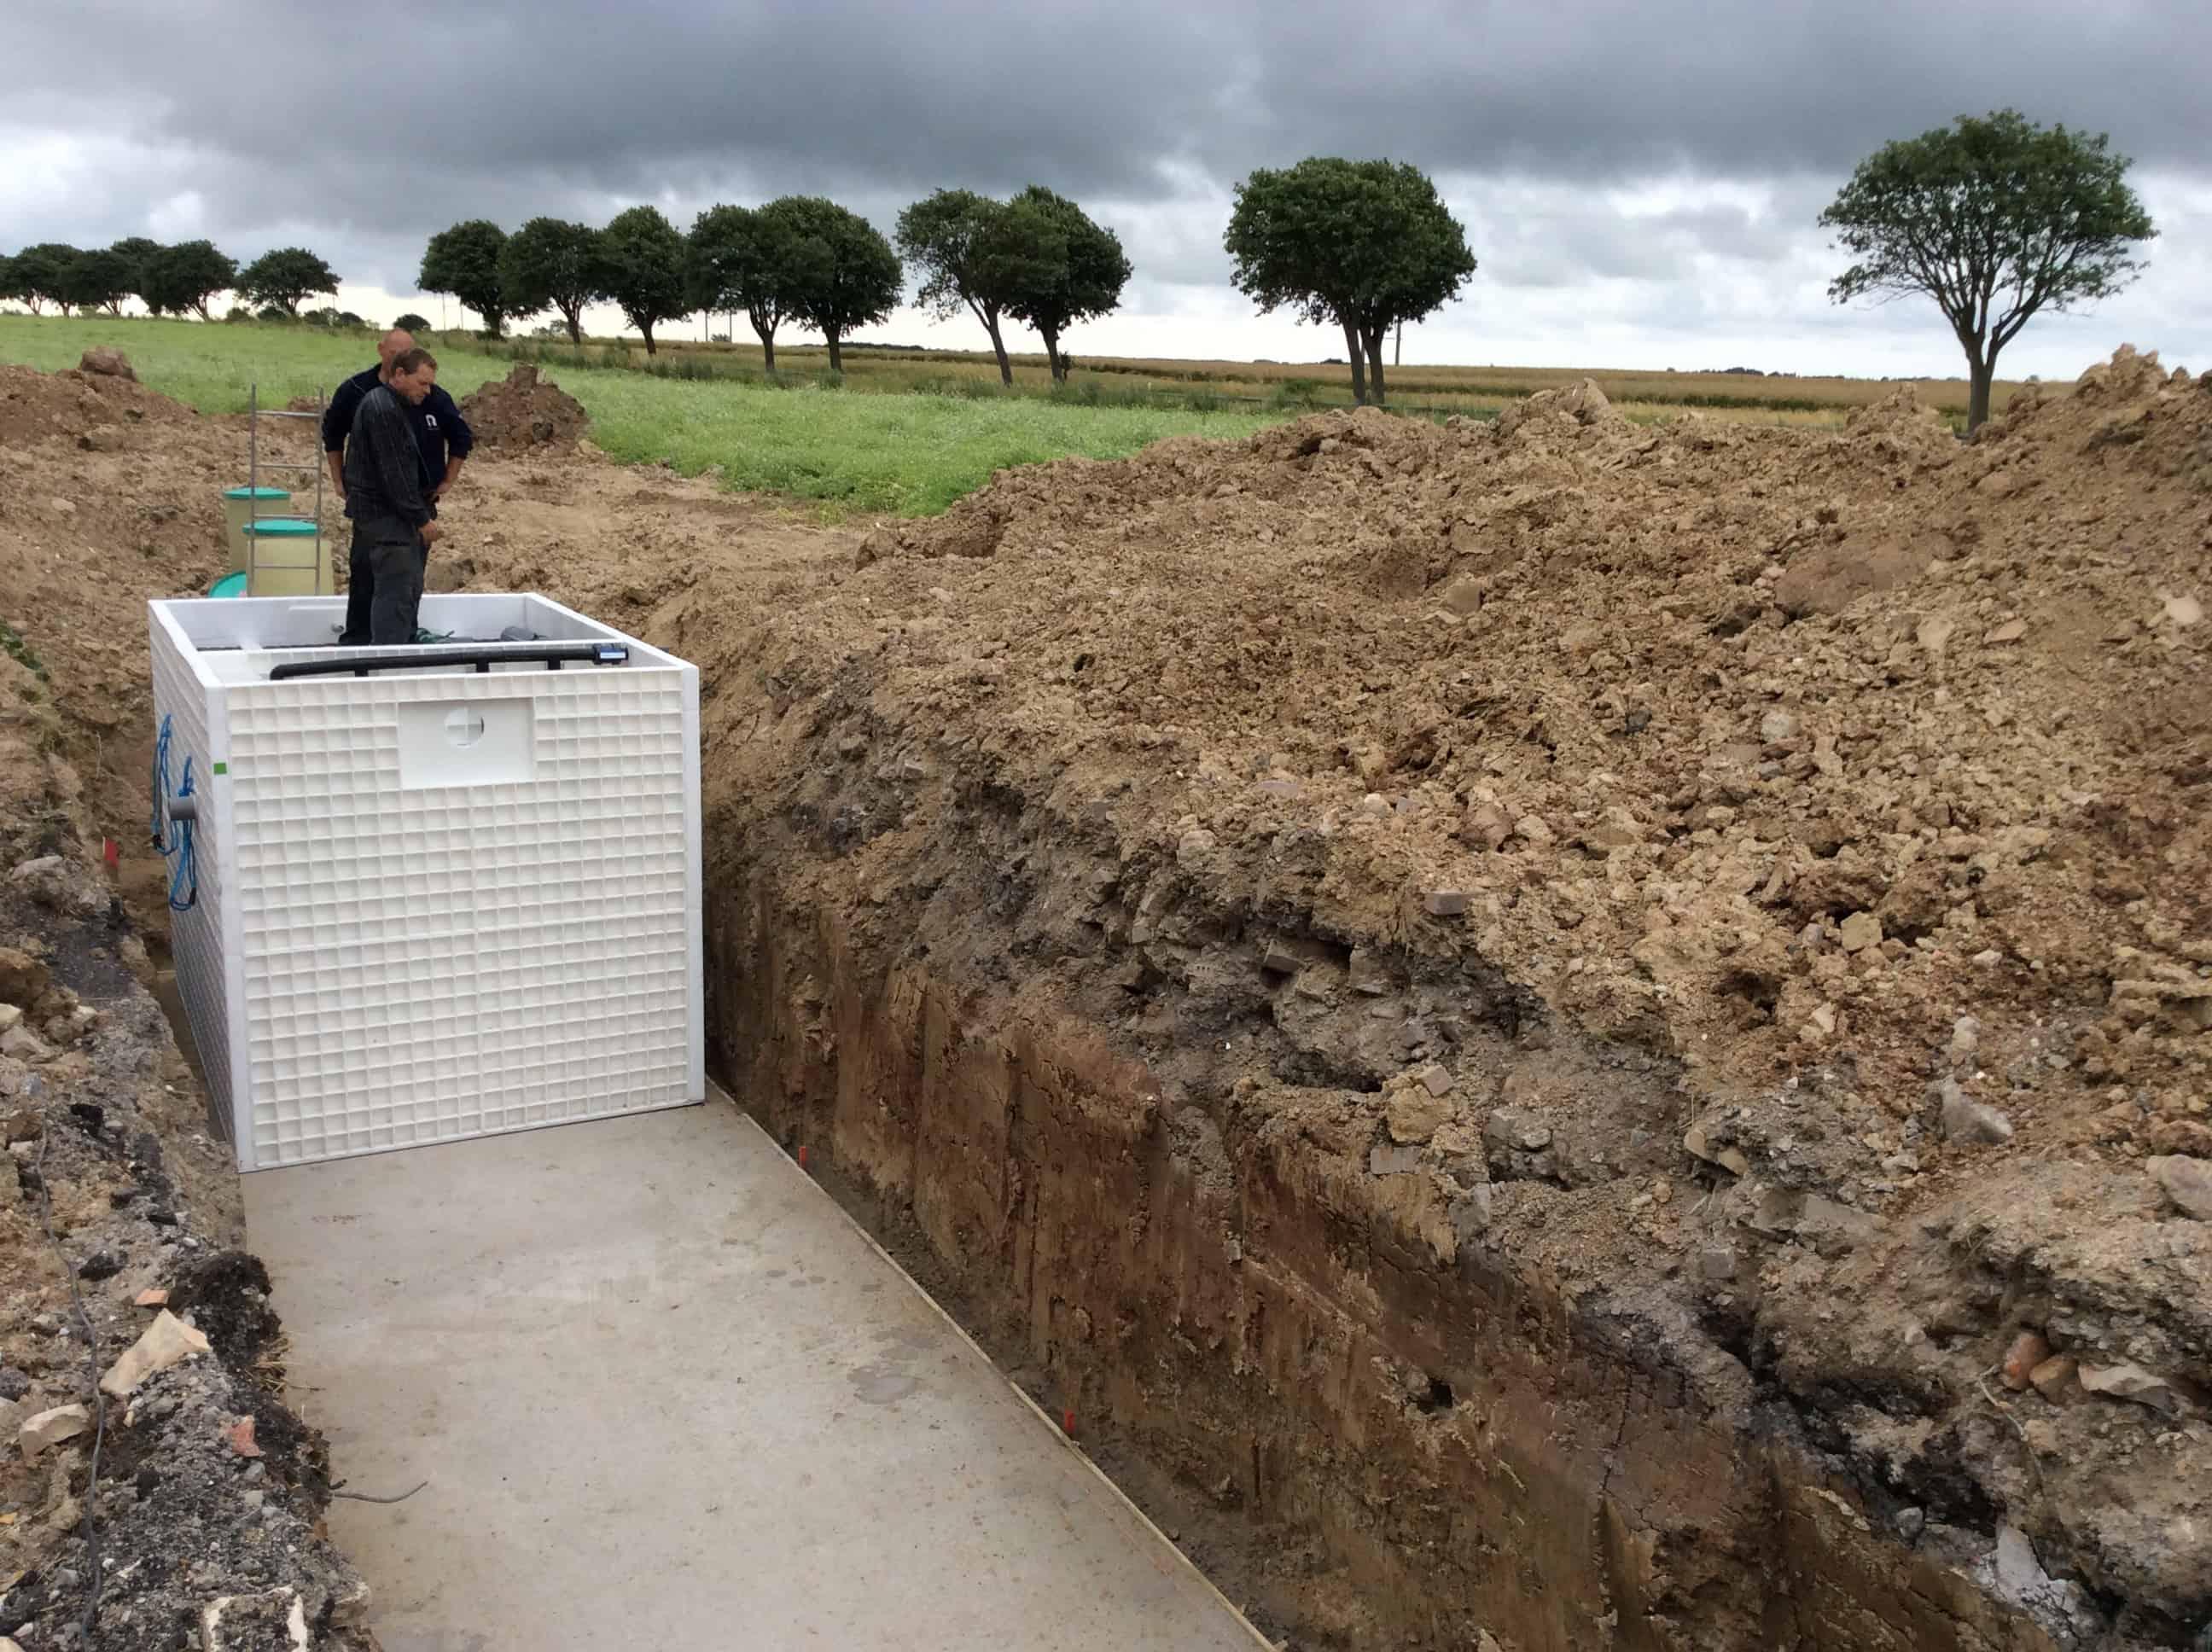 BioKube Jupiter three chamber wastewater system under installation at camp site in Denmark